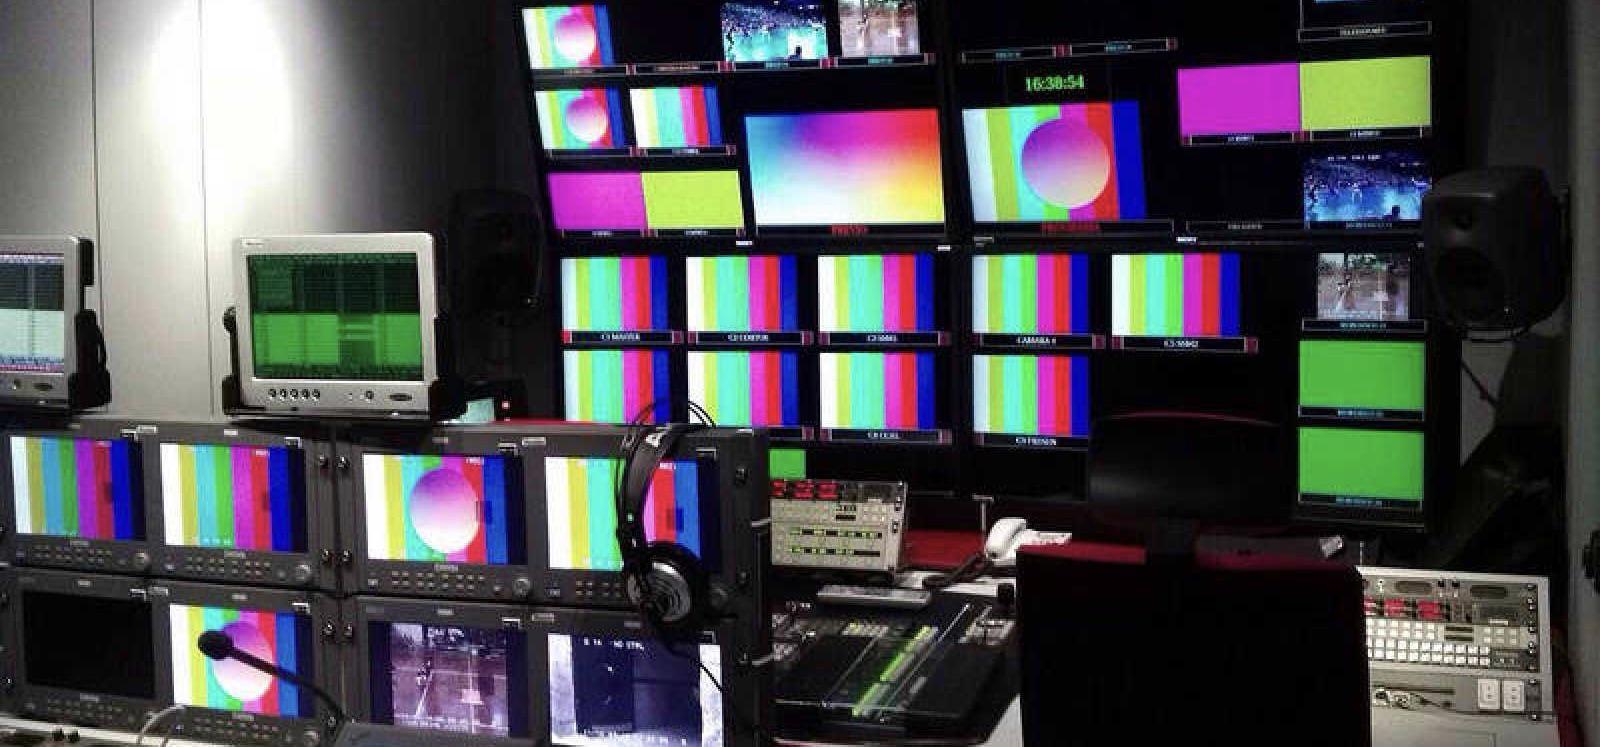 El informe del Consejo Audiovisual sobre pluralismo informativo ha contado con el voto particular de tres (¿cuatro?) consejer@s. Aquí la antítesis particular.